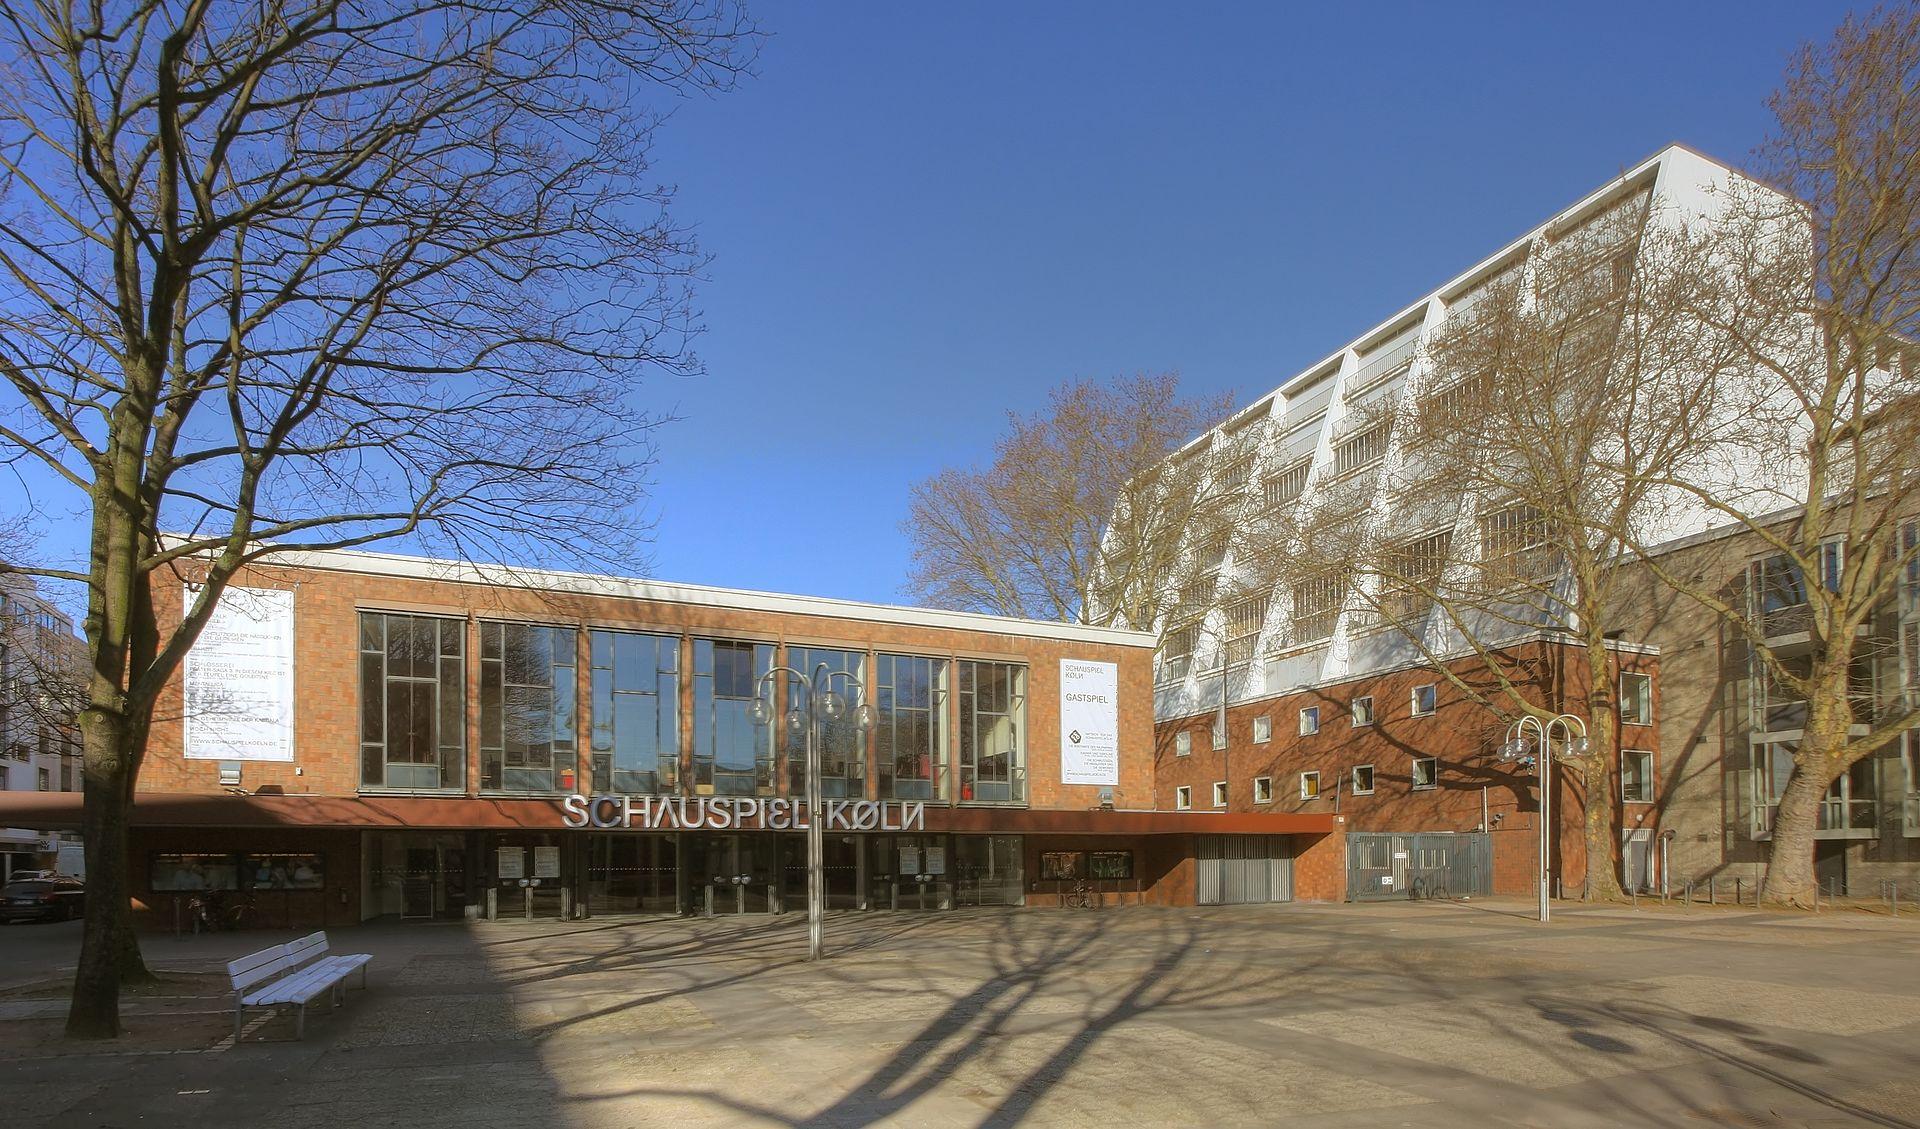 Bild Schauspiel Köln